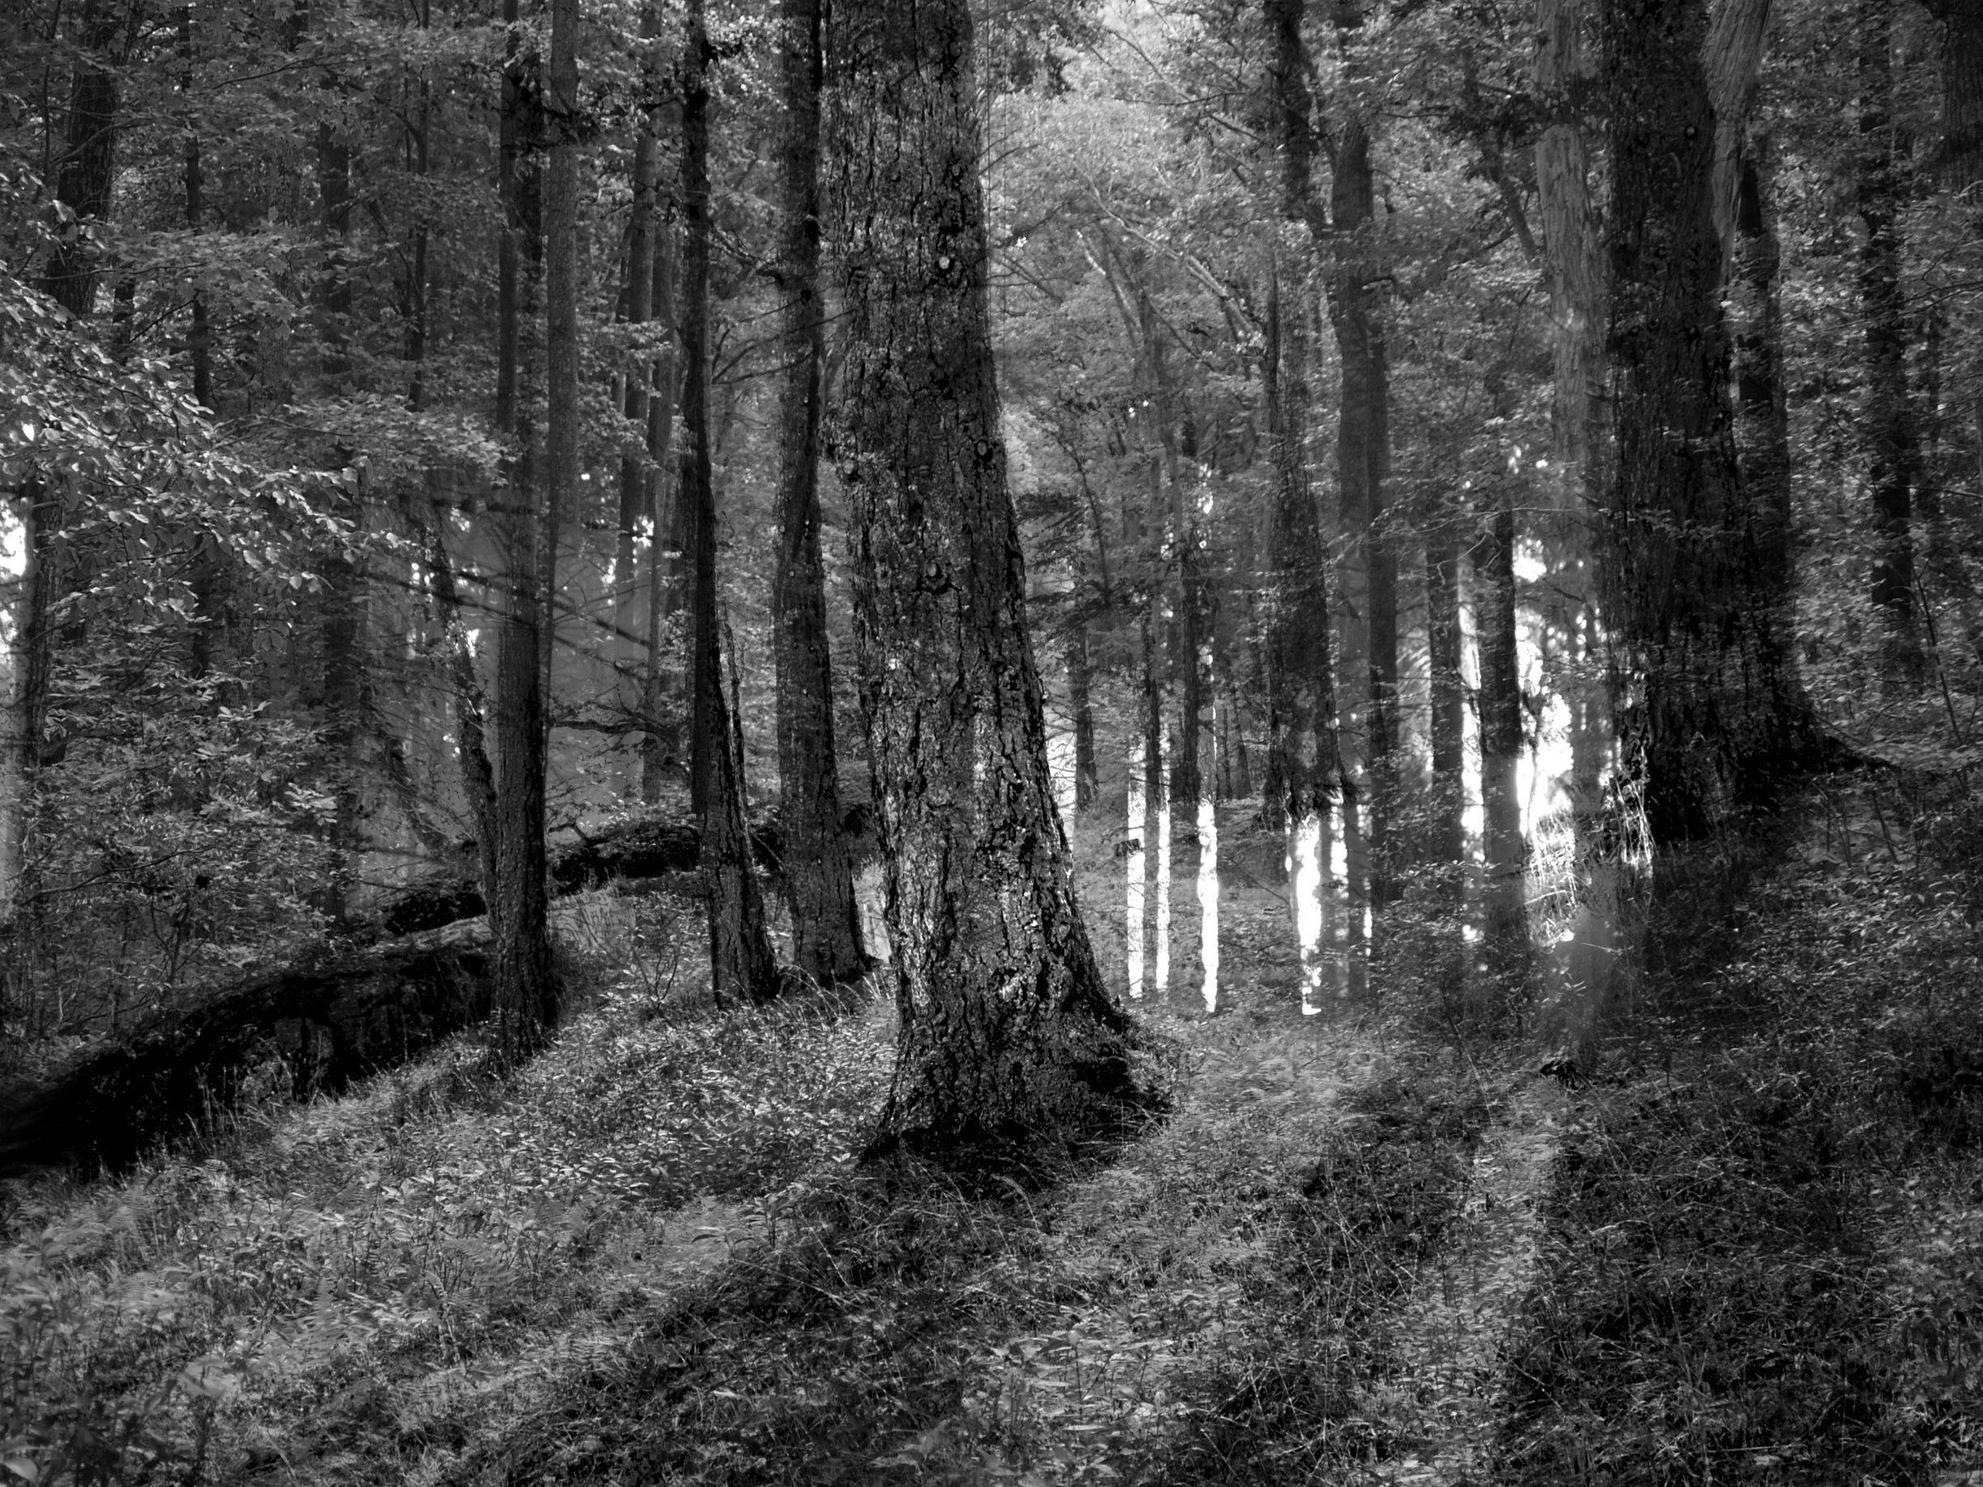 Slenderman Forest Wallpaper Slenderman Forest Slender